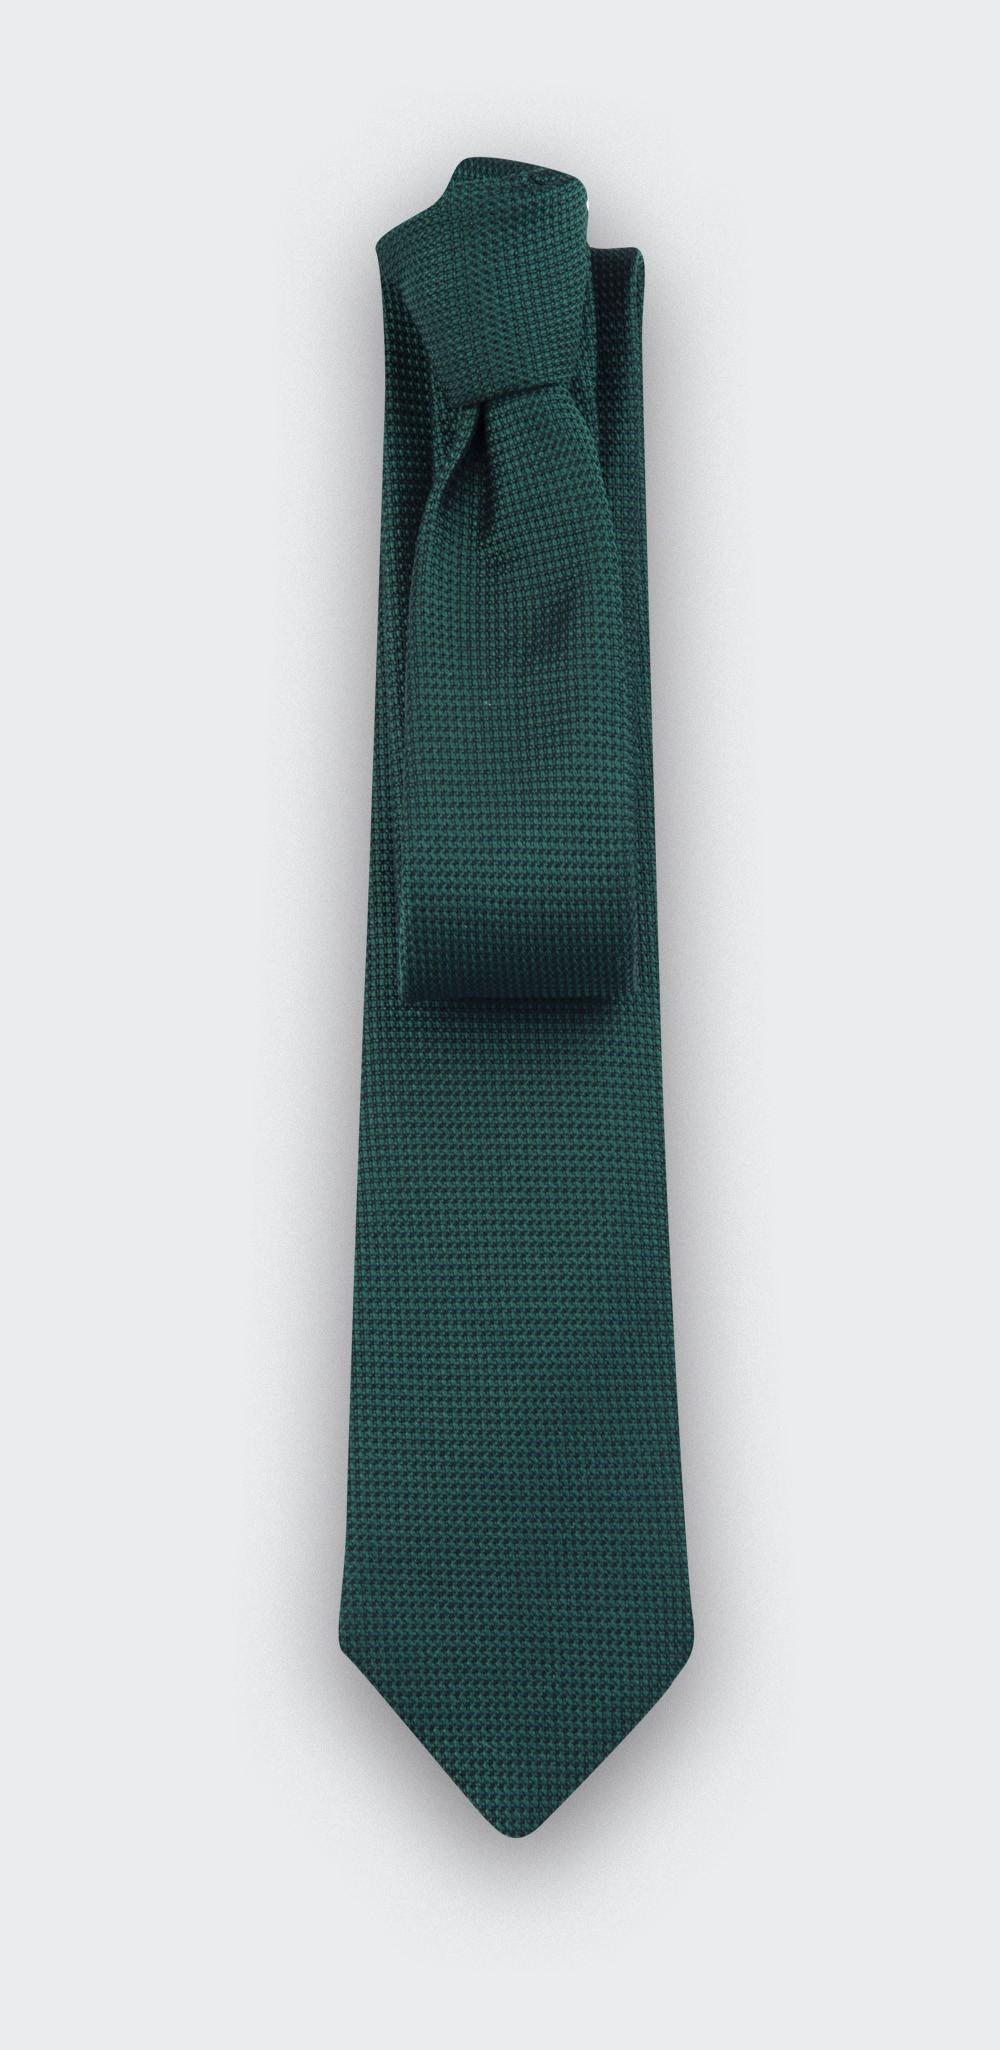 cravate soie tissée verte - soie - cinabre paris